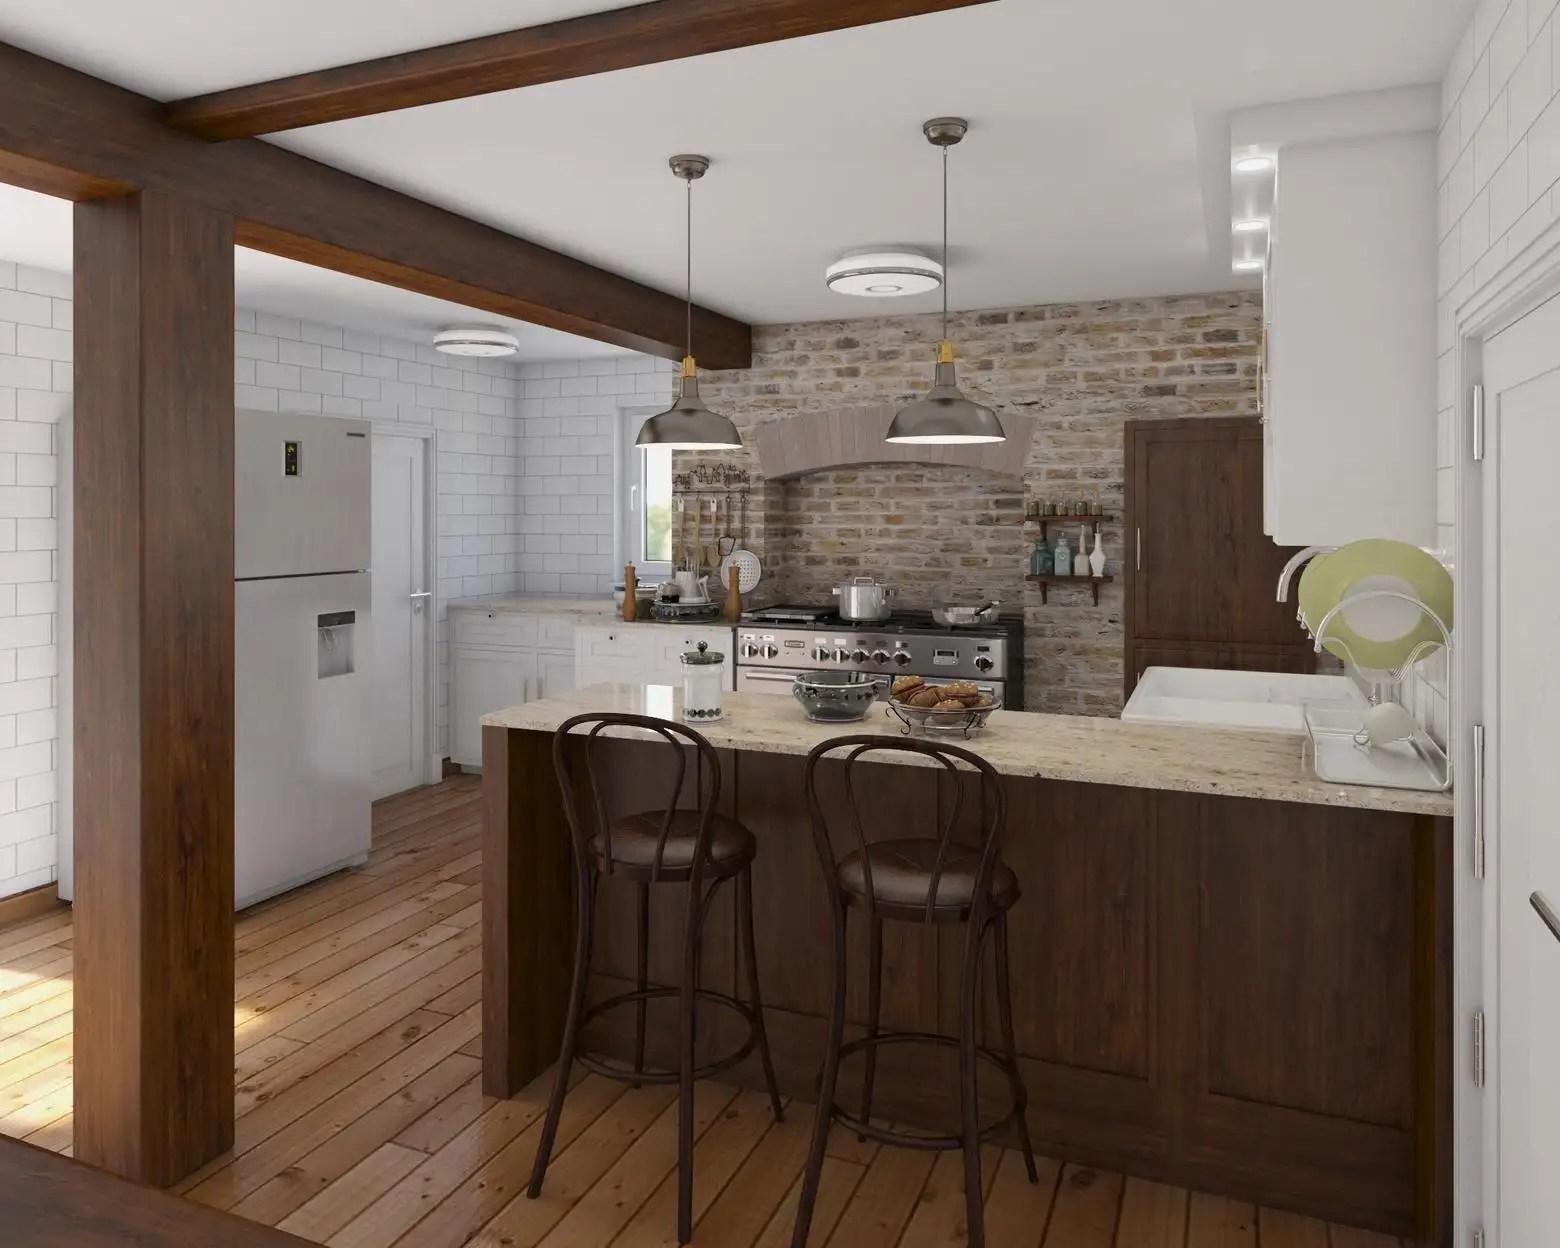 Design My Kitchen Layout FreelancerMostruário